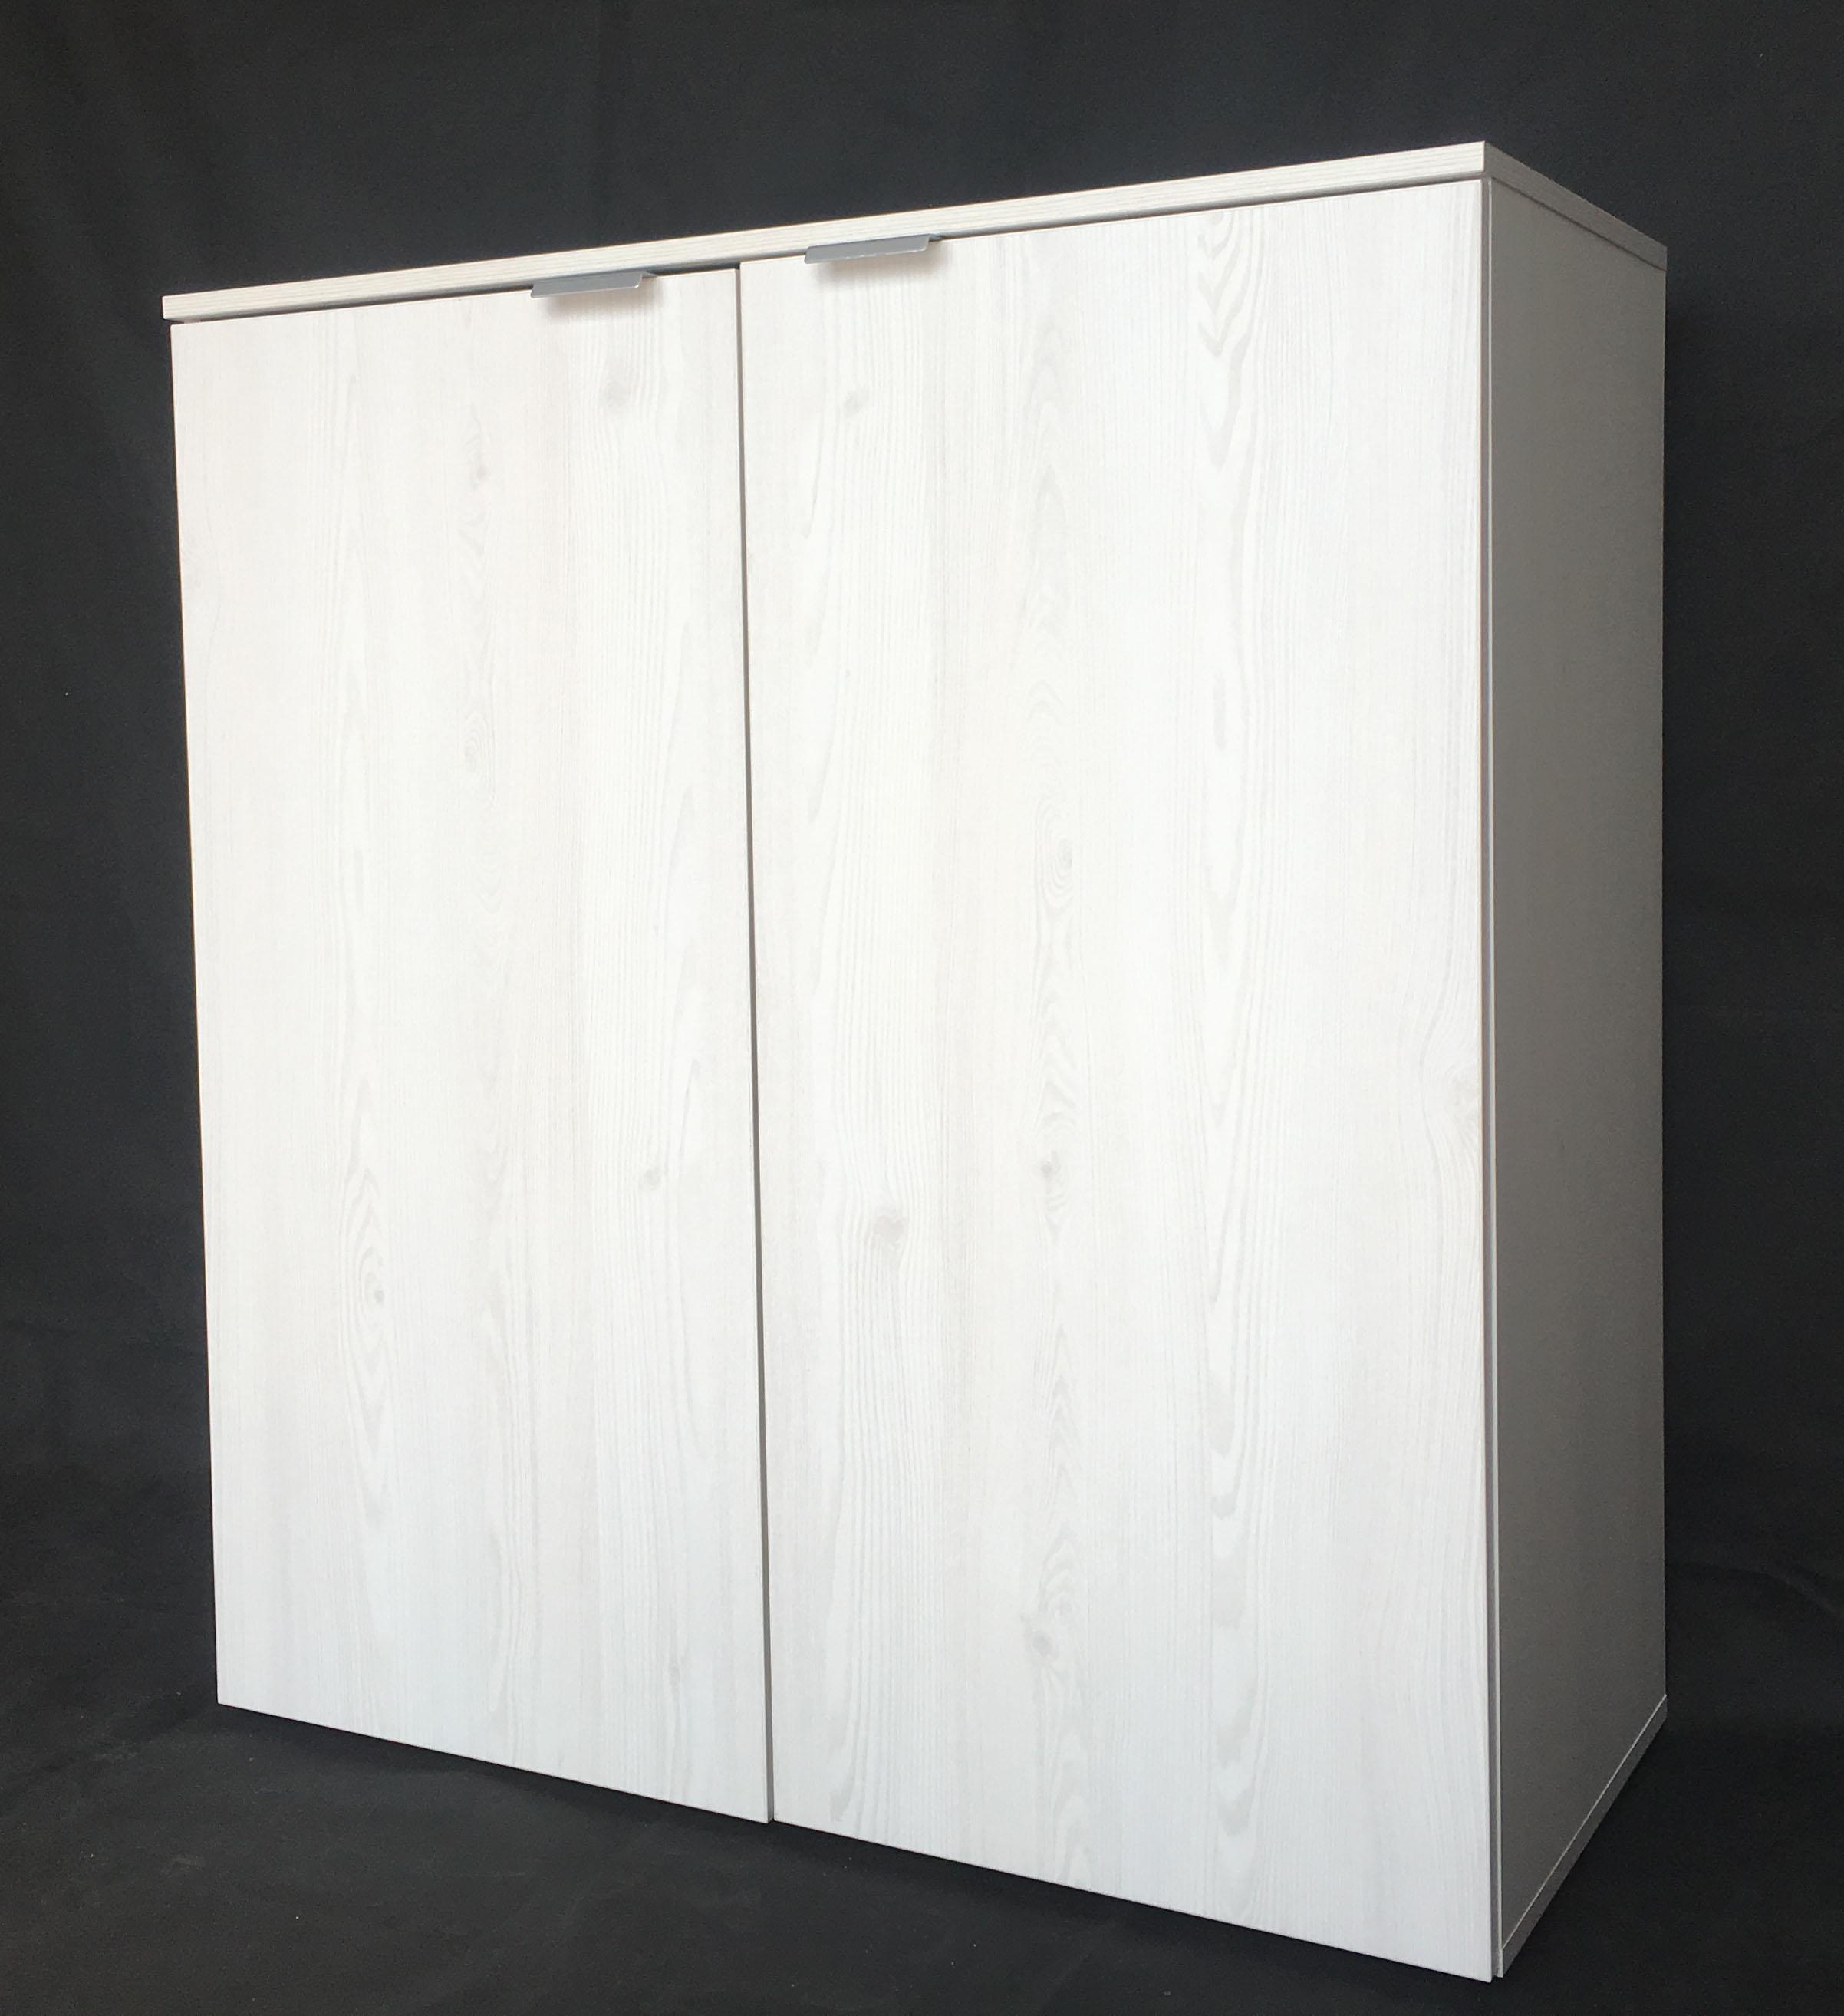 kommode aktenschrank mehrzweckkommode flurkommode 2 trg wei mit maserung k641 ebay. Black Bedroom Furniture Sets. Home Design Ideas